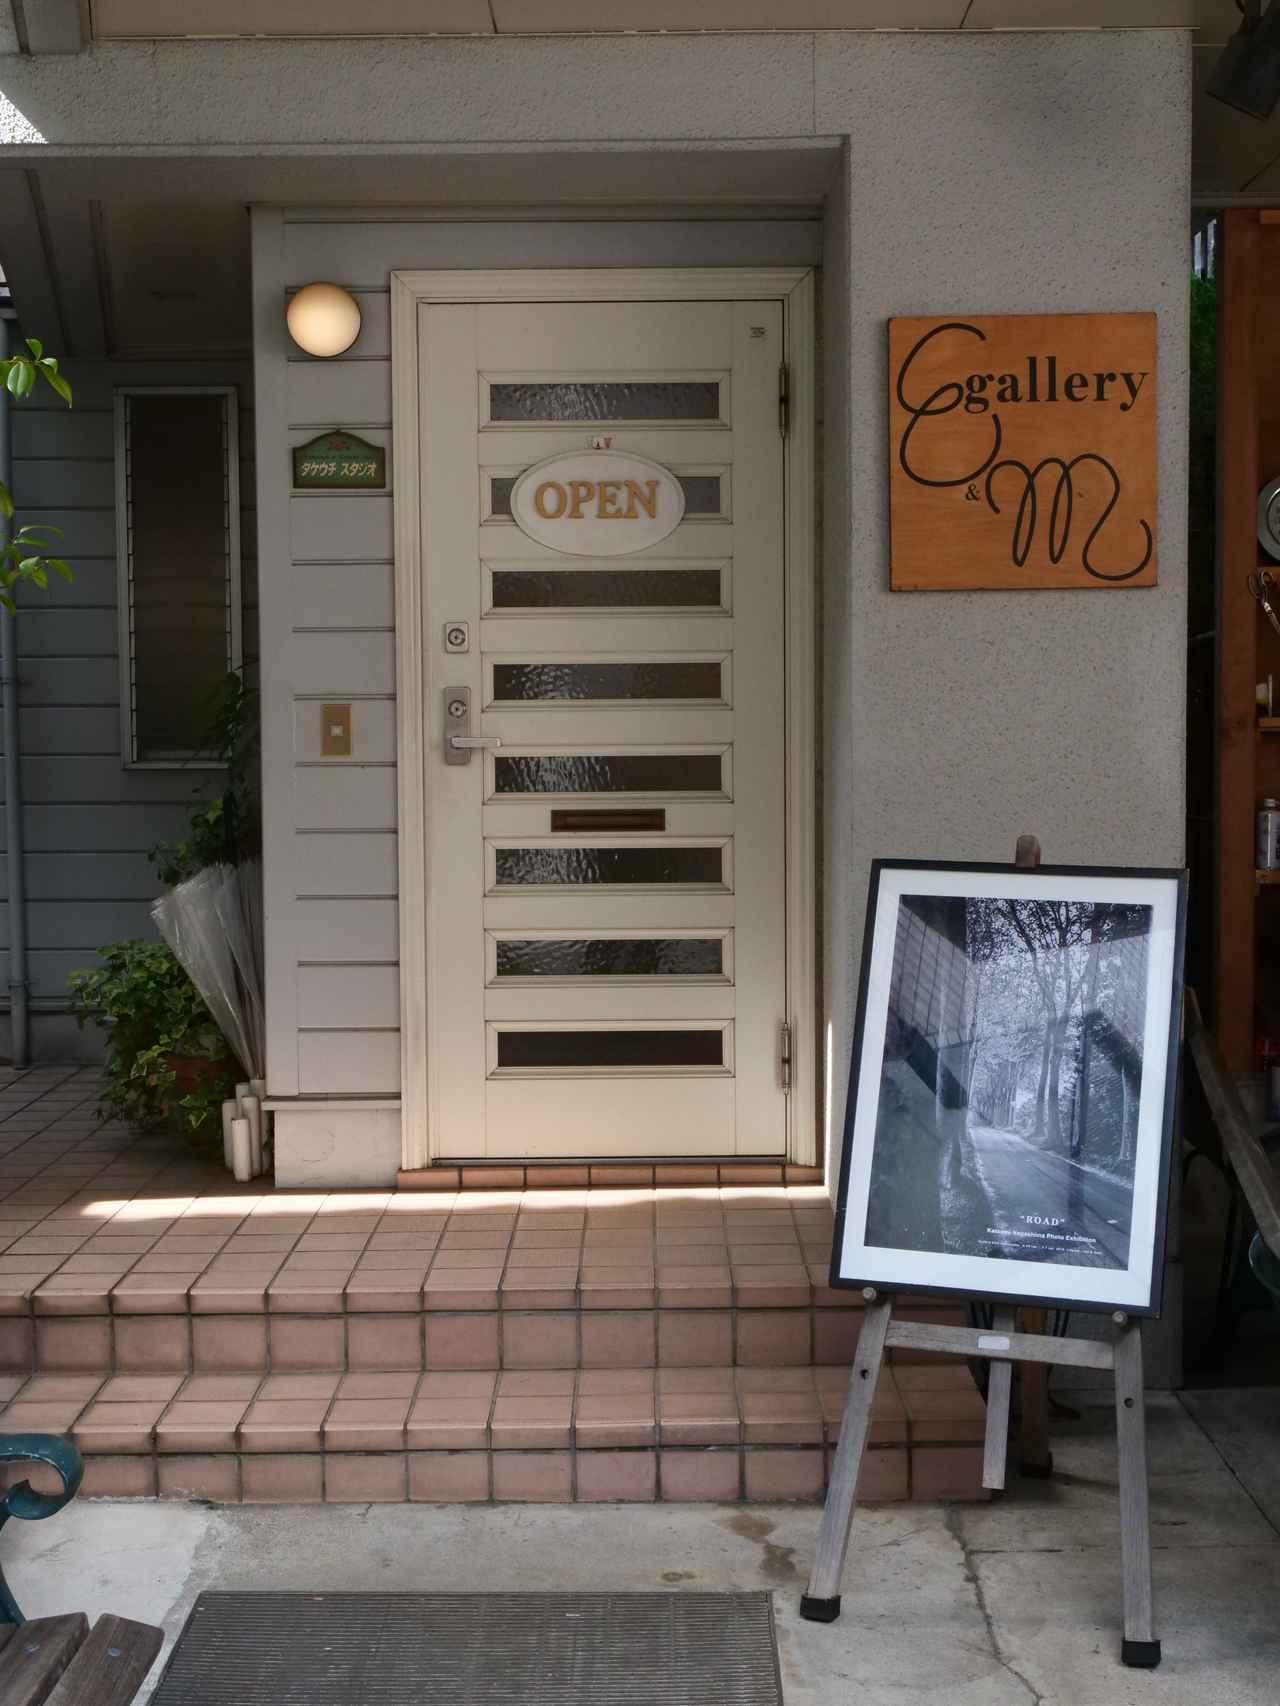 画像: ■会場:Gallry E&M nishiazabu(ギャラリーイー・エム西麻布) ■会期:2018年6月19日(火)〜7月7日(土) ■展示時間:12:00〜18:00(日・月曜日休館)入場無料 ■住所:東京都港区西麻布4-17-10 電話03-3407-5075 www.takeuchi-studio.jp